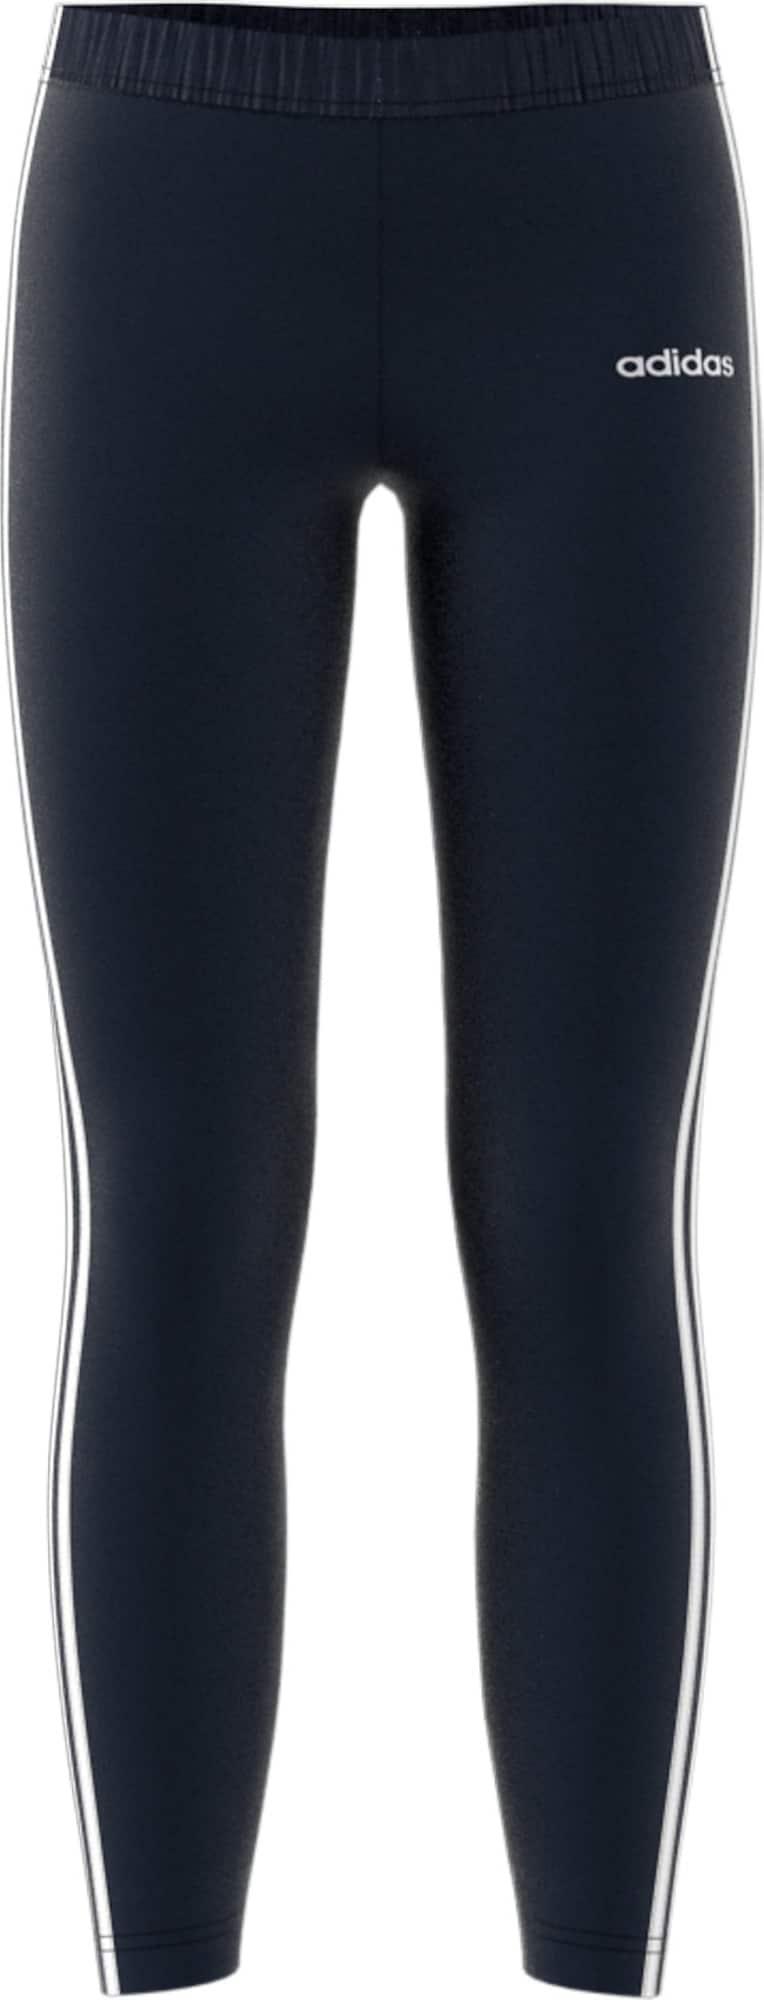 ADIDAS PERFORMANCE Sportinės kelnės 'YG E 3S' mėlyna